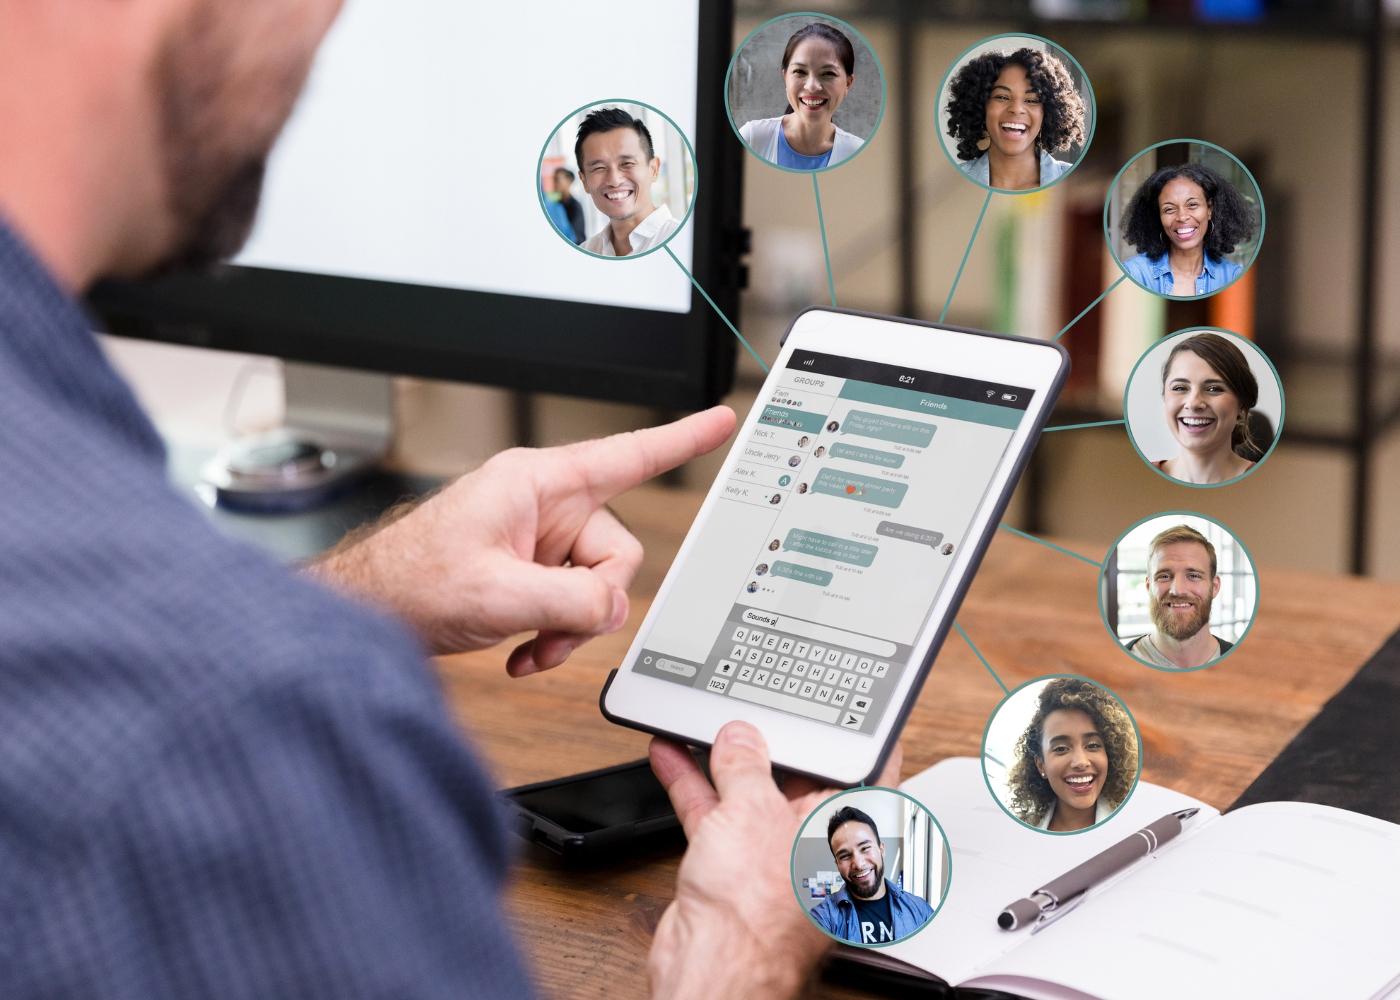 nómadas digitais a trabalhar juntos online